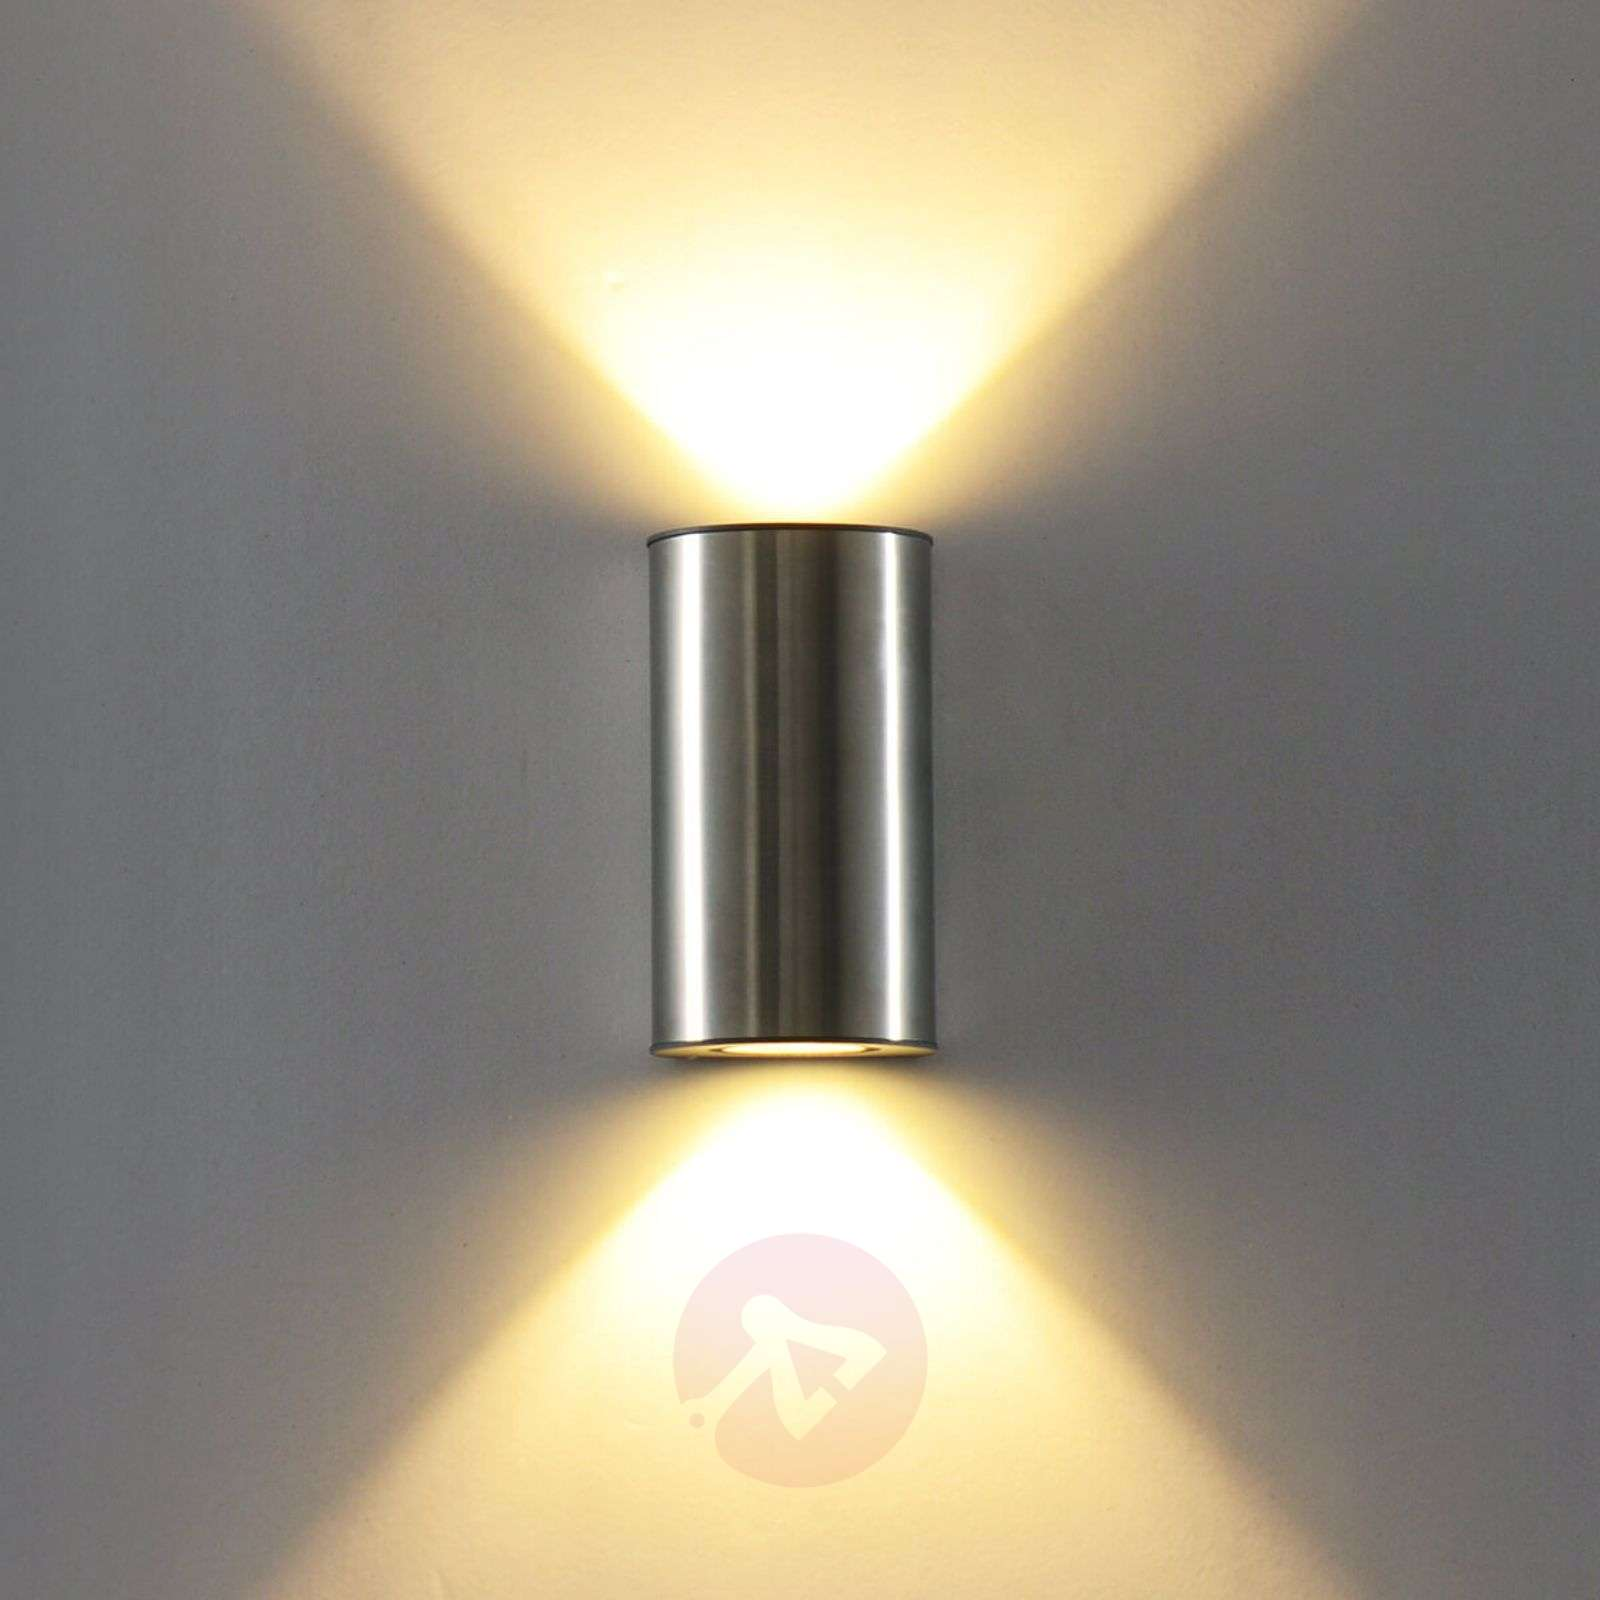 Elegantti Illumi-LED-ulkoseinävalo, ruost. teräs-3006520-01